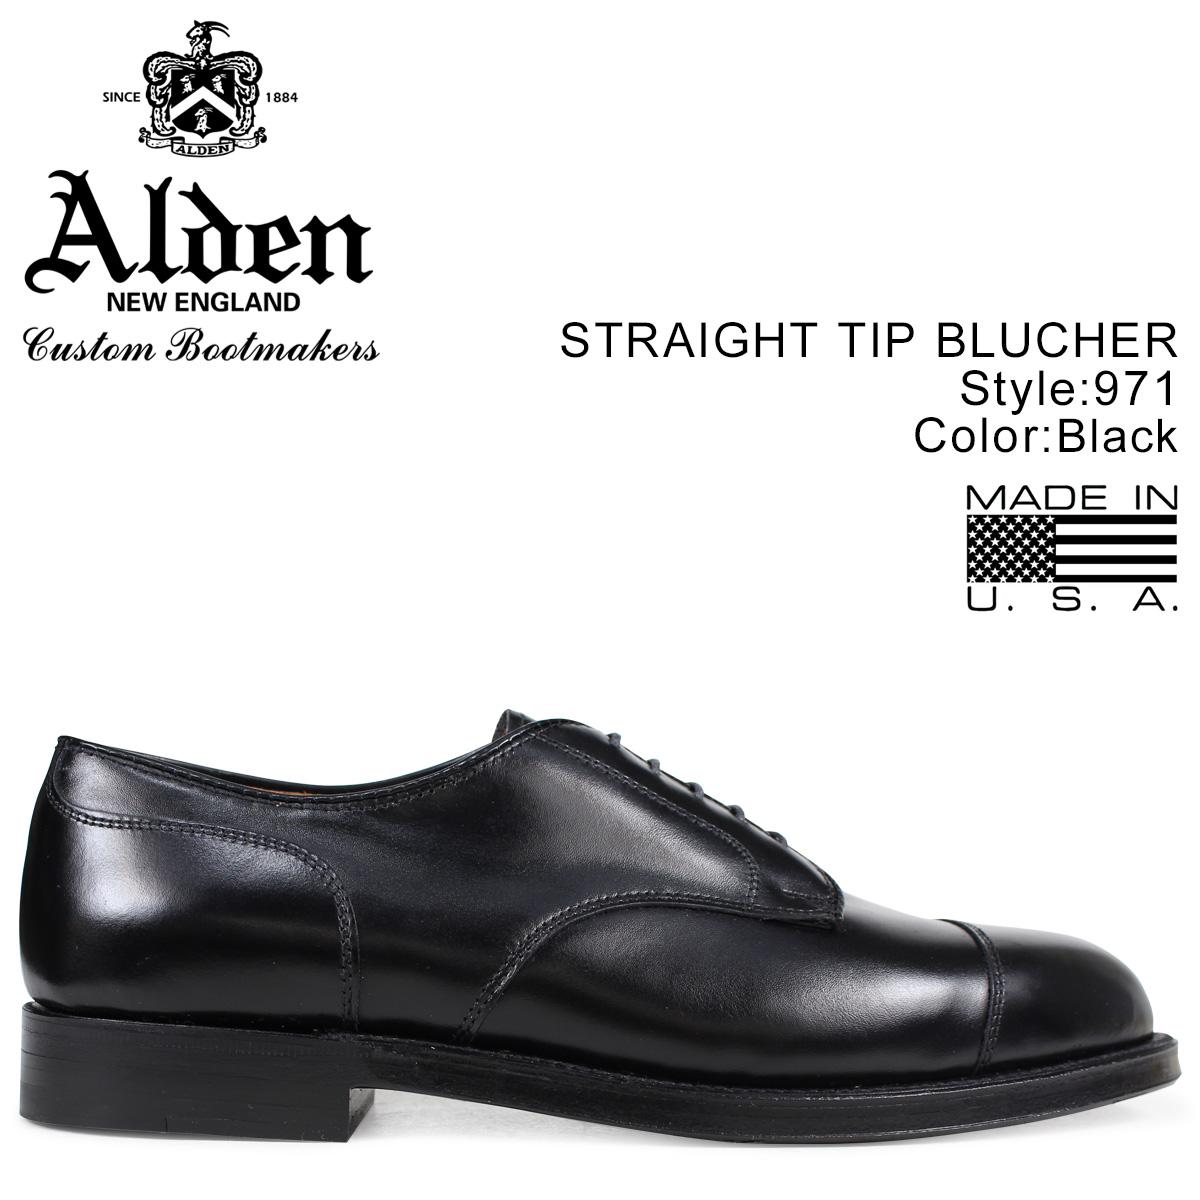 オールデン ALDEN シューズ メンズ STRAIGHT TIP BLUCHER Dワイズ 971